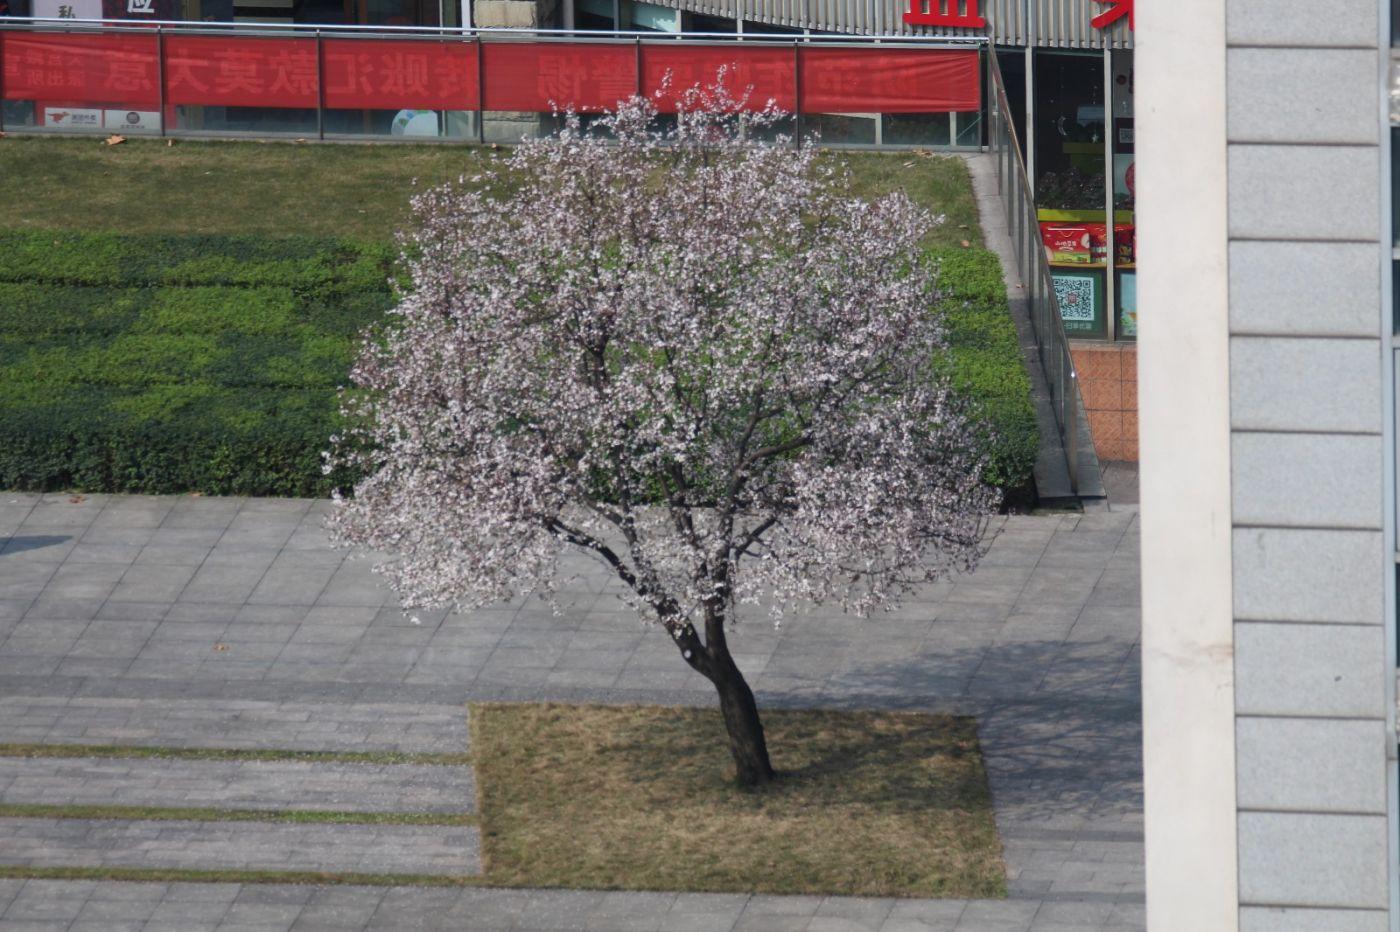 北窗外,那棵树开花了_图1-3